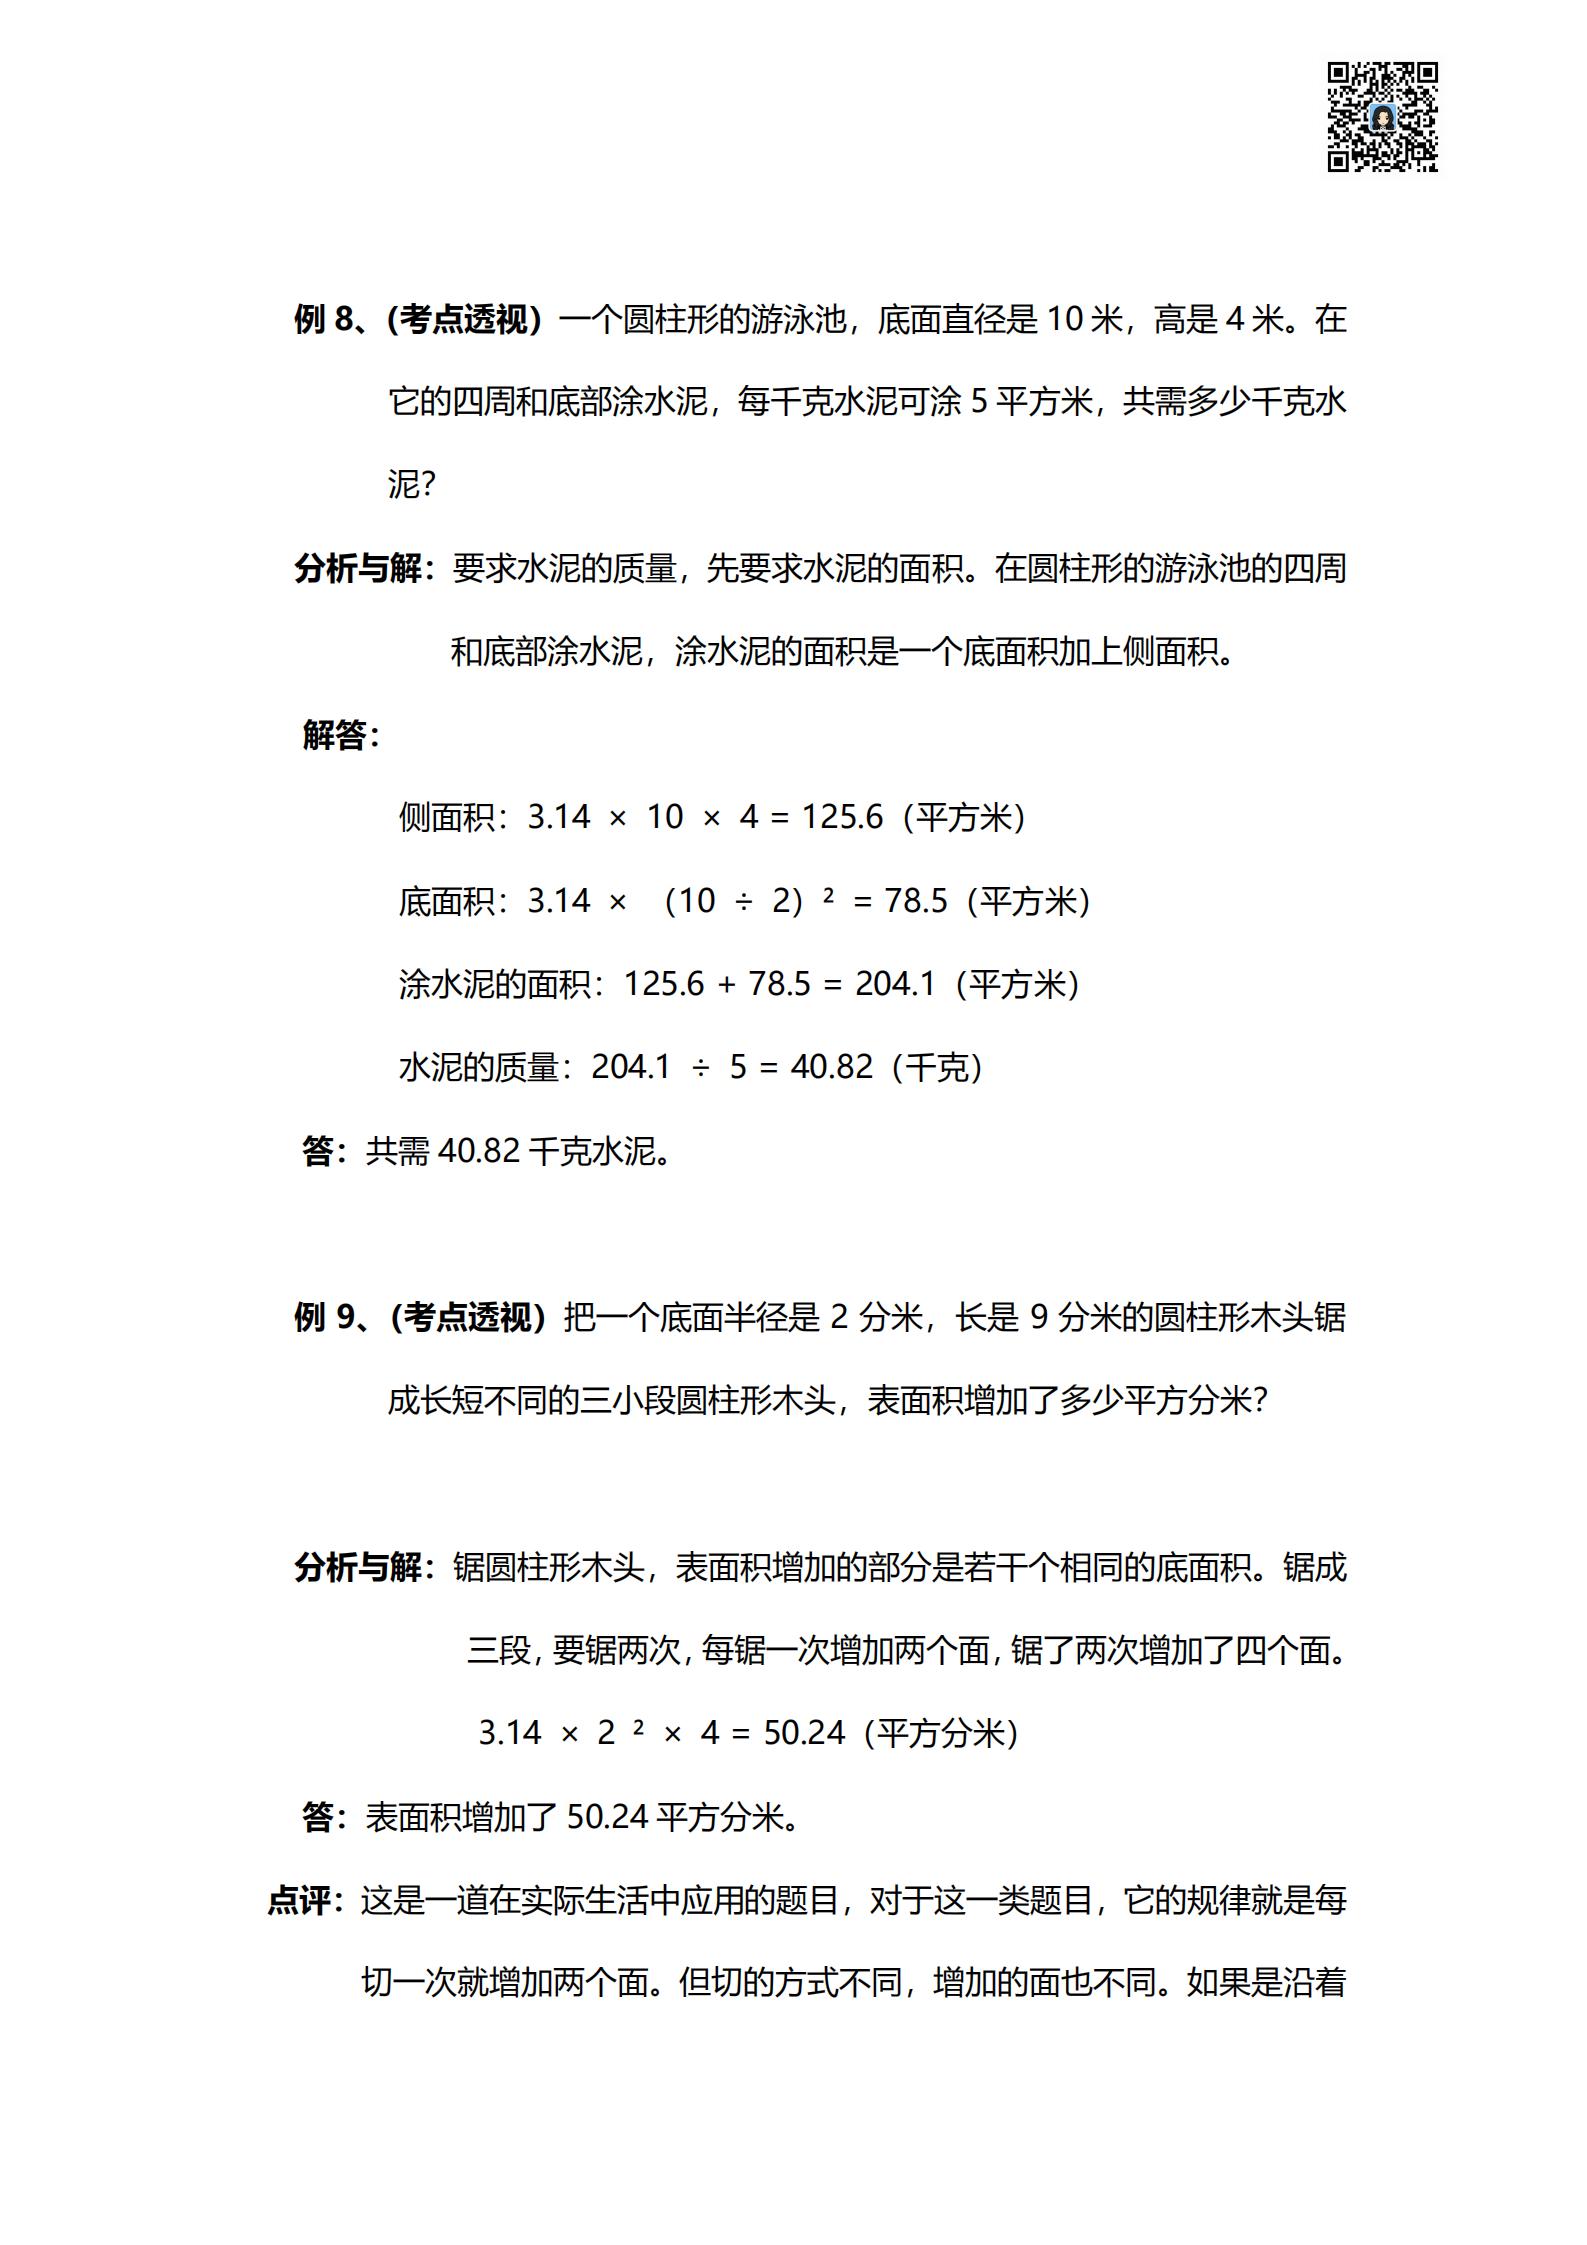 【数学】高频考点-四大专题知识点精选题_06.png